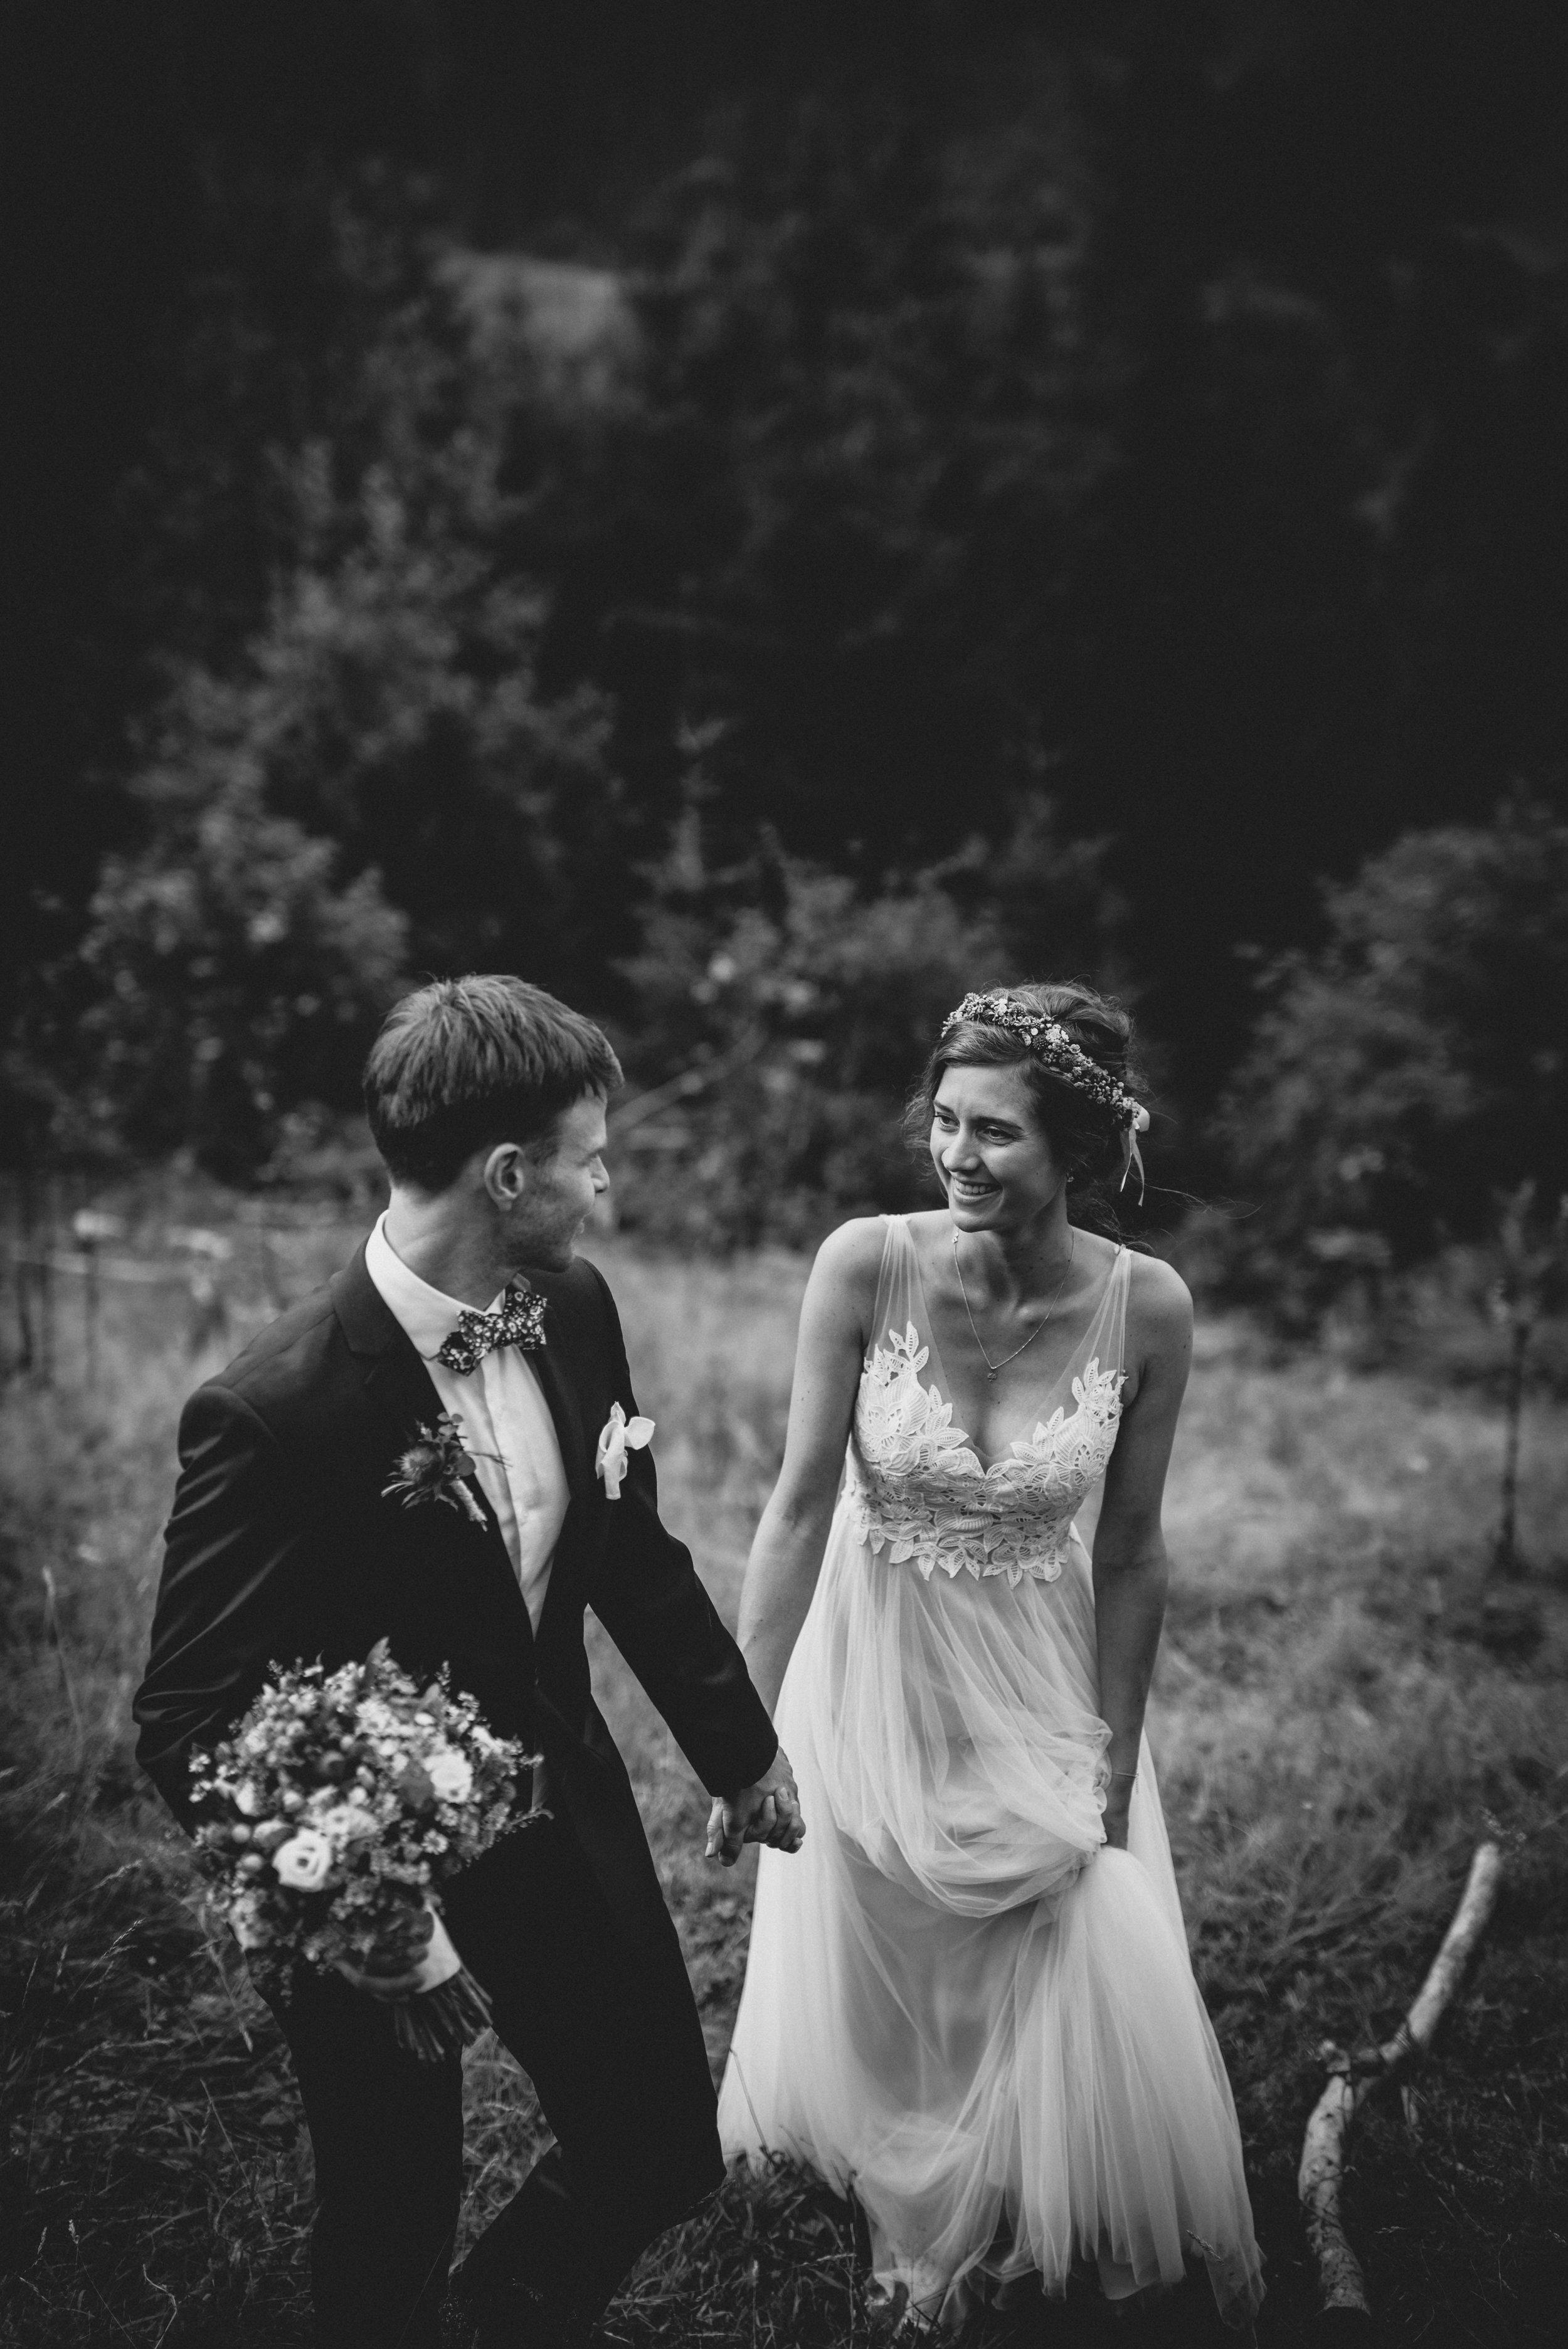 Kanadische-Destinationwedding-Berghochzeit-Dienten-MissFrecklesPhotography (77 von 96).jpg